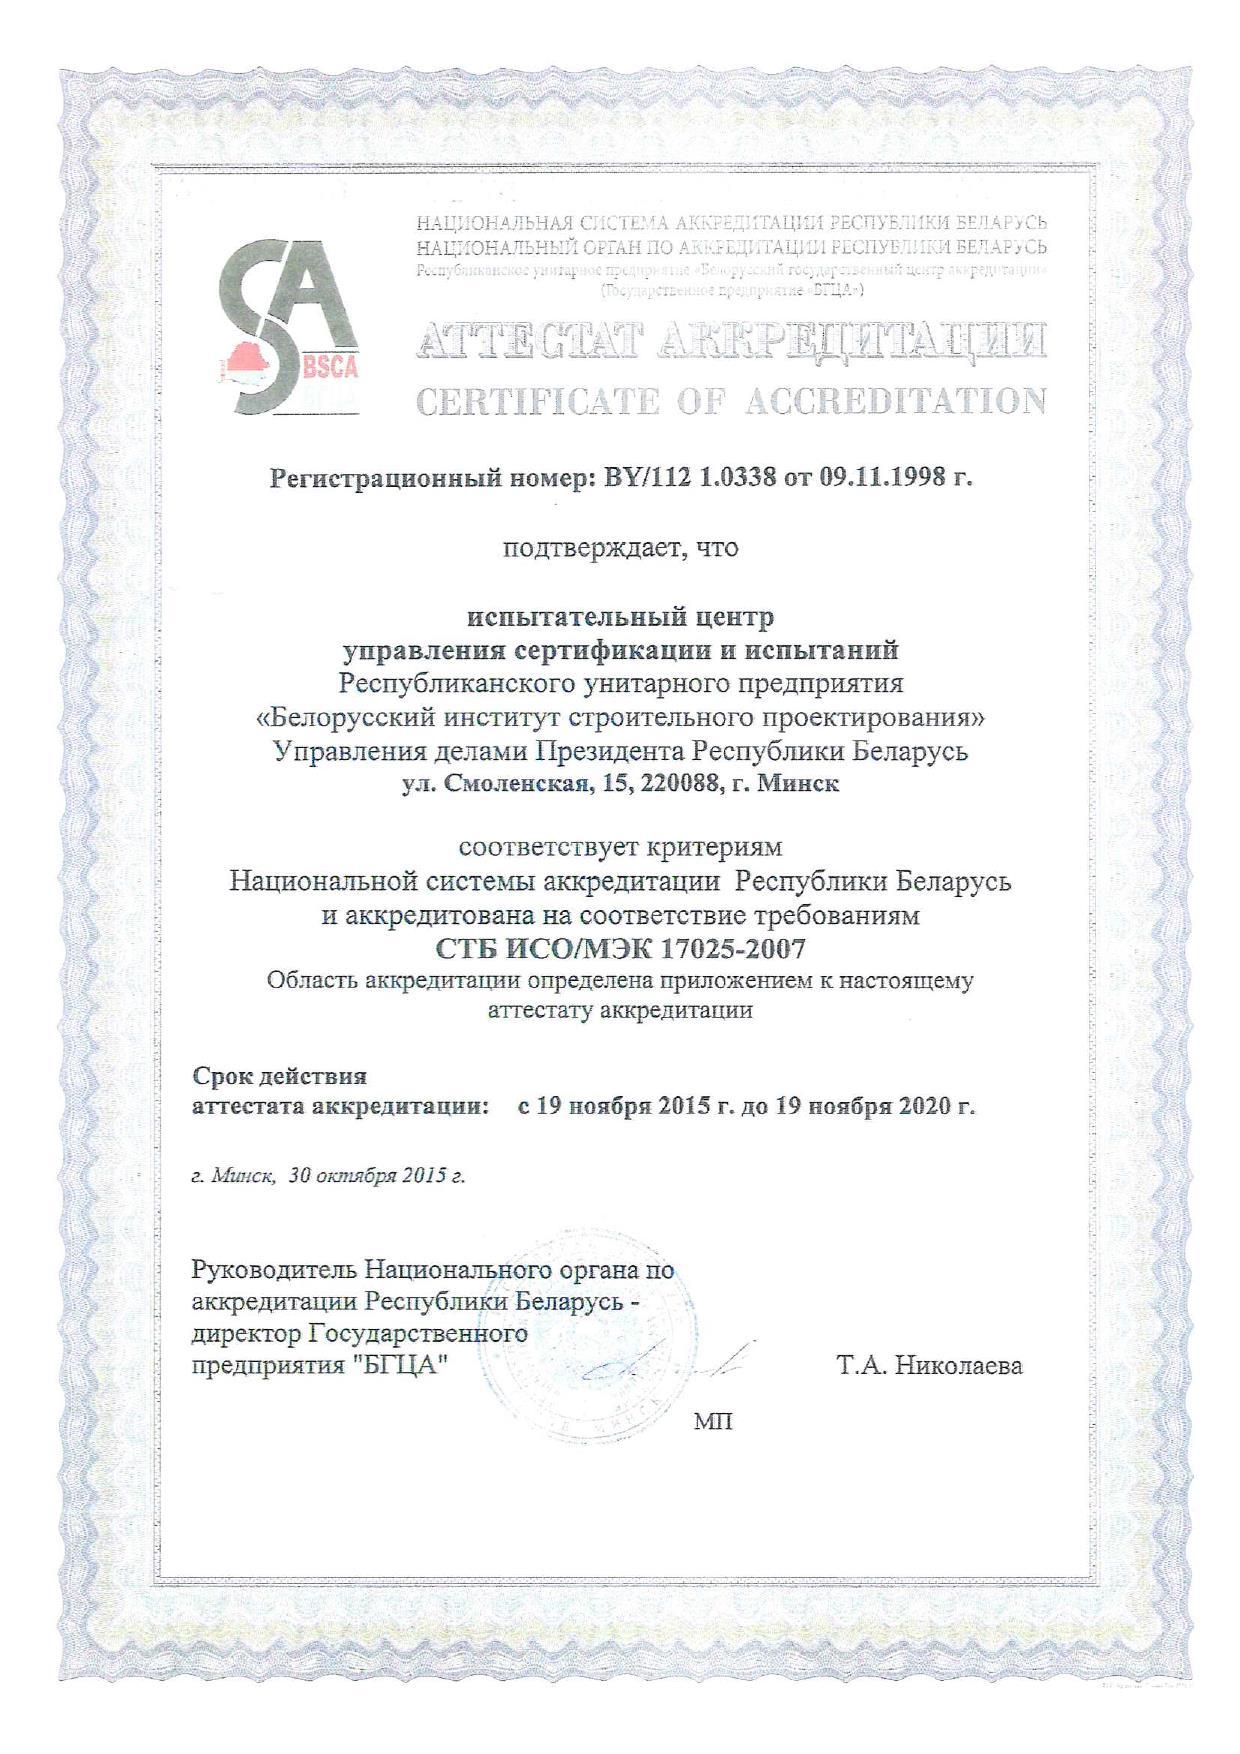 12 Аттестат аккредитации БГЦА на деятельность испытательного центра